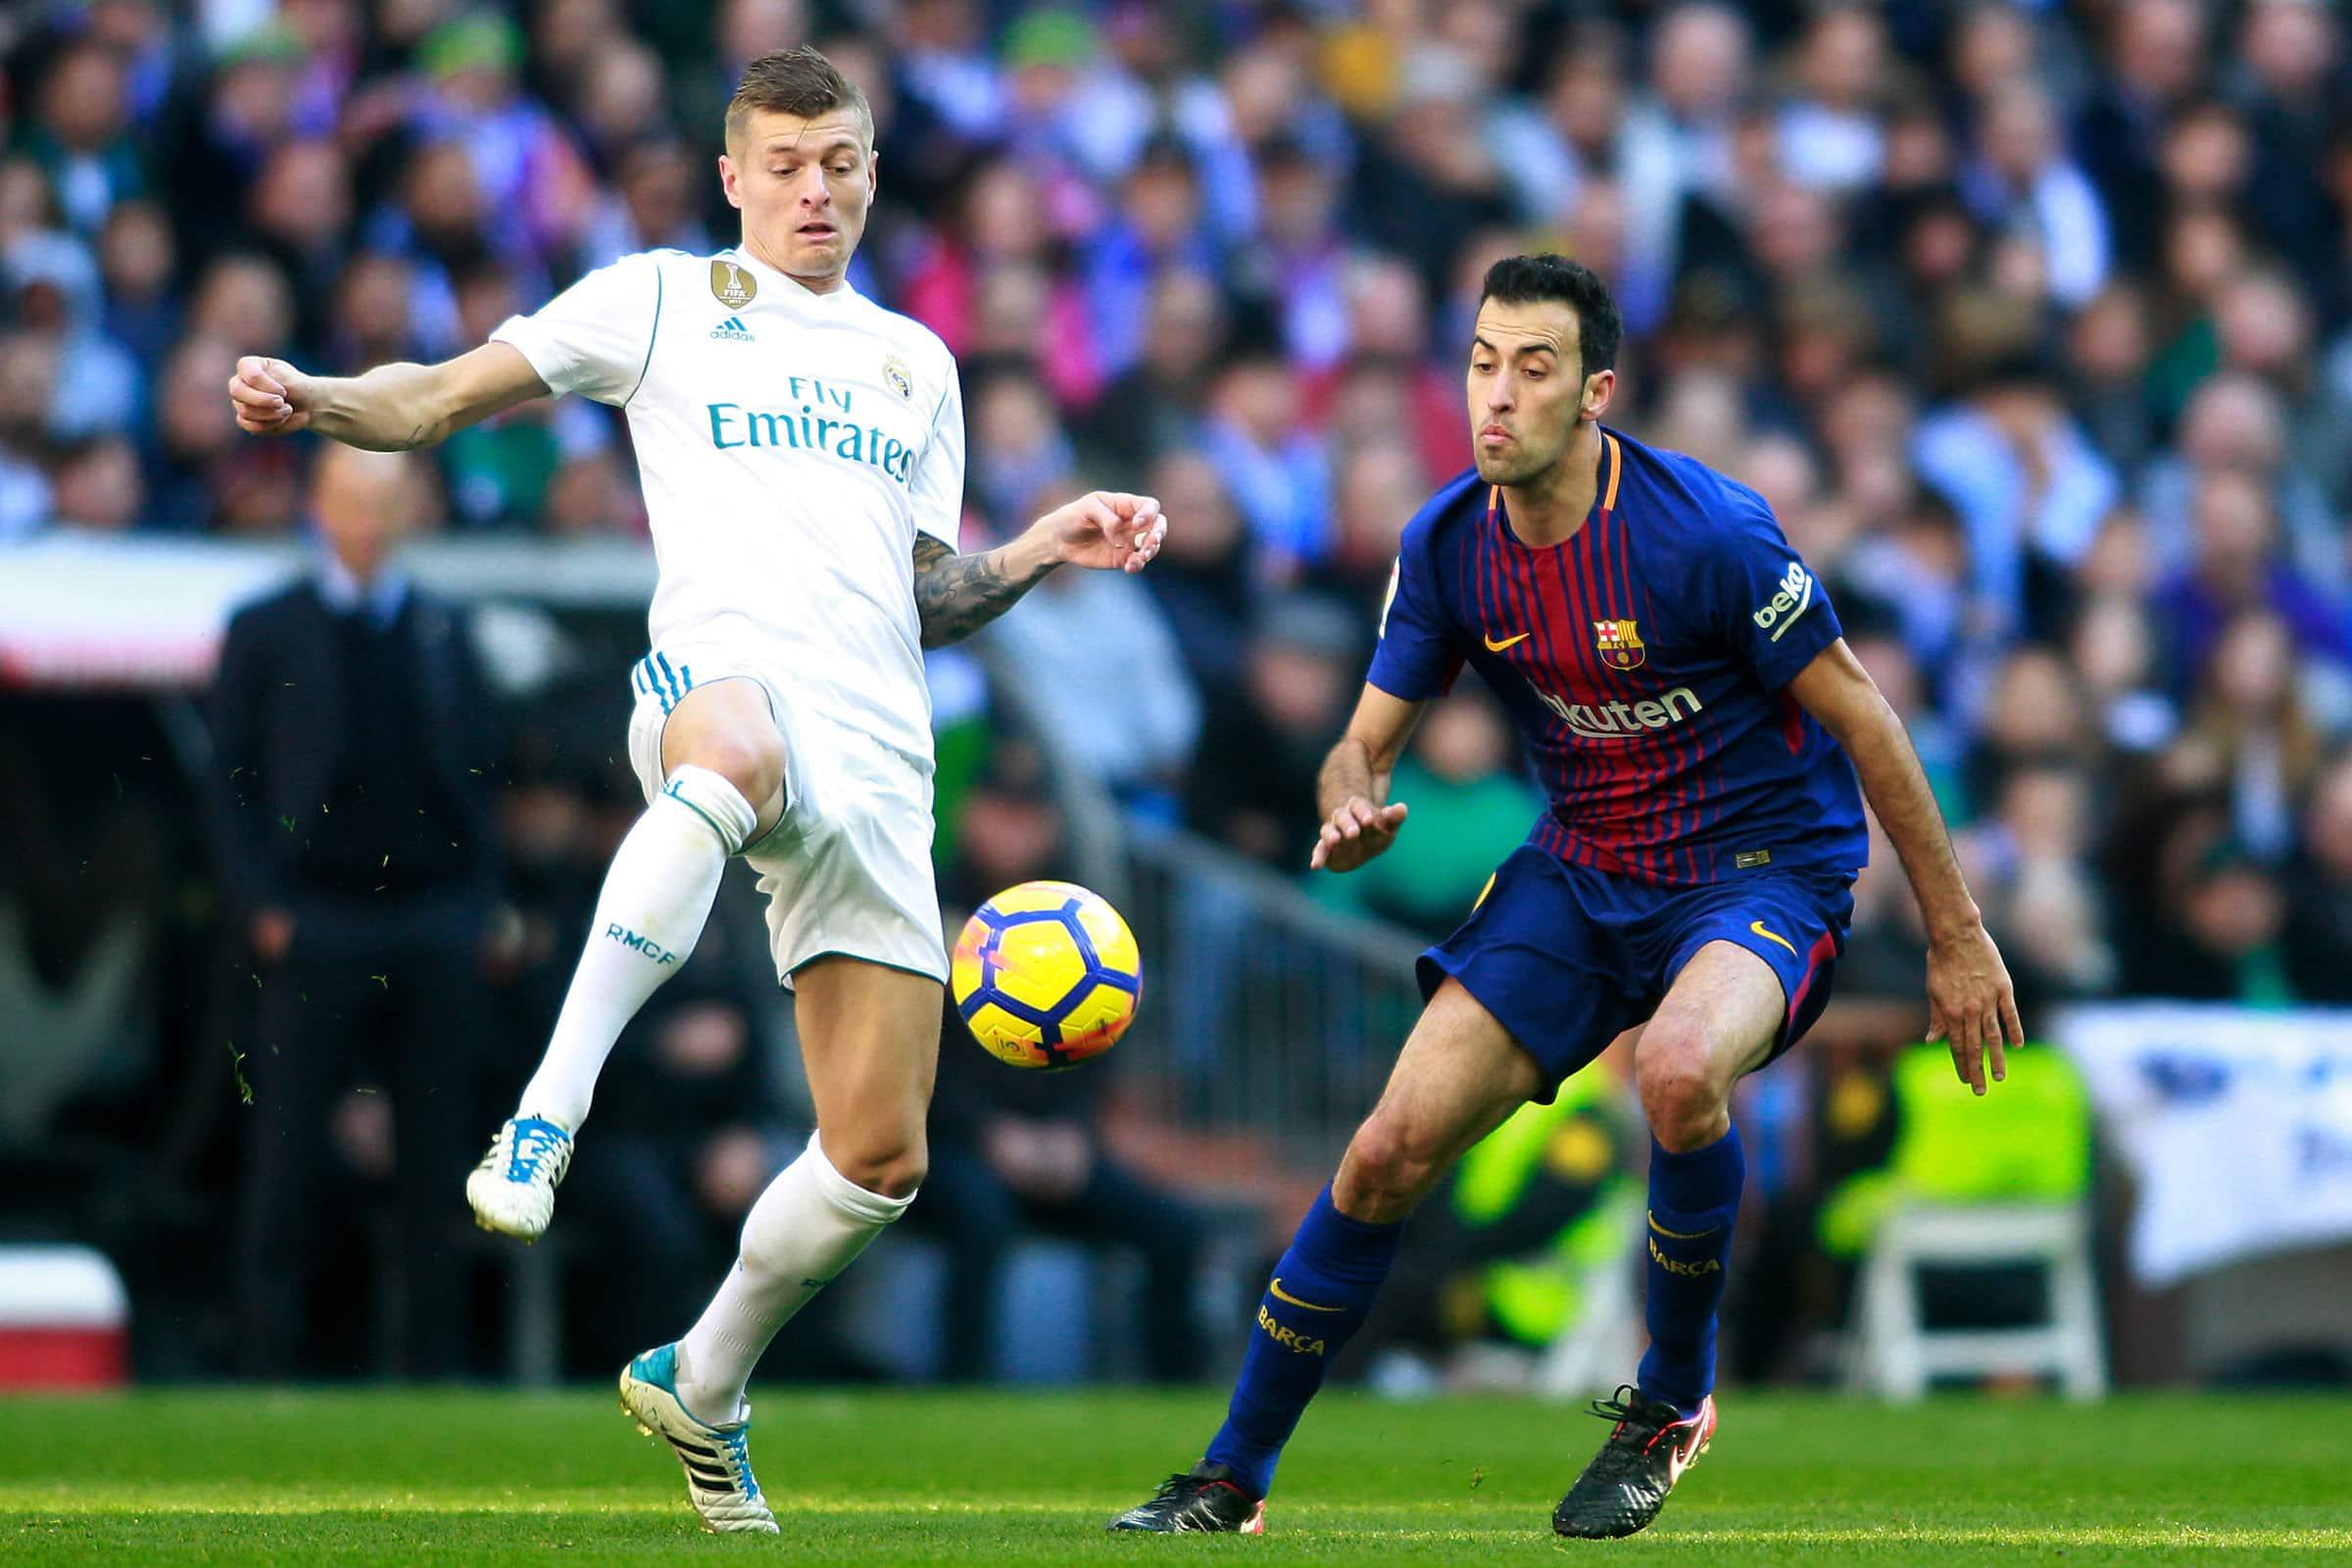 Migliori Siti Per Vedere Le Partite Di Calcio E Lo Sport In Diretta Streaming